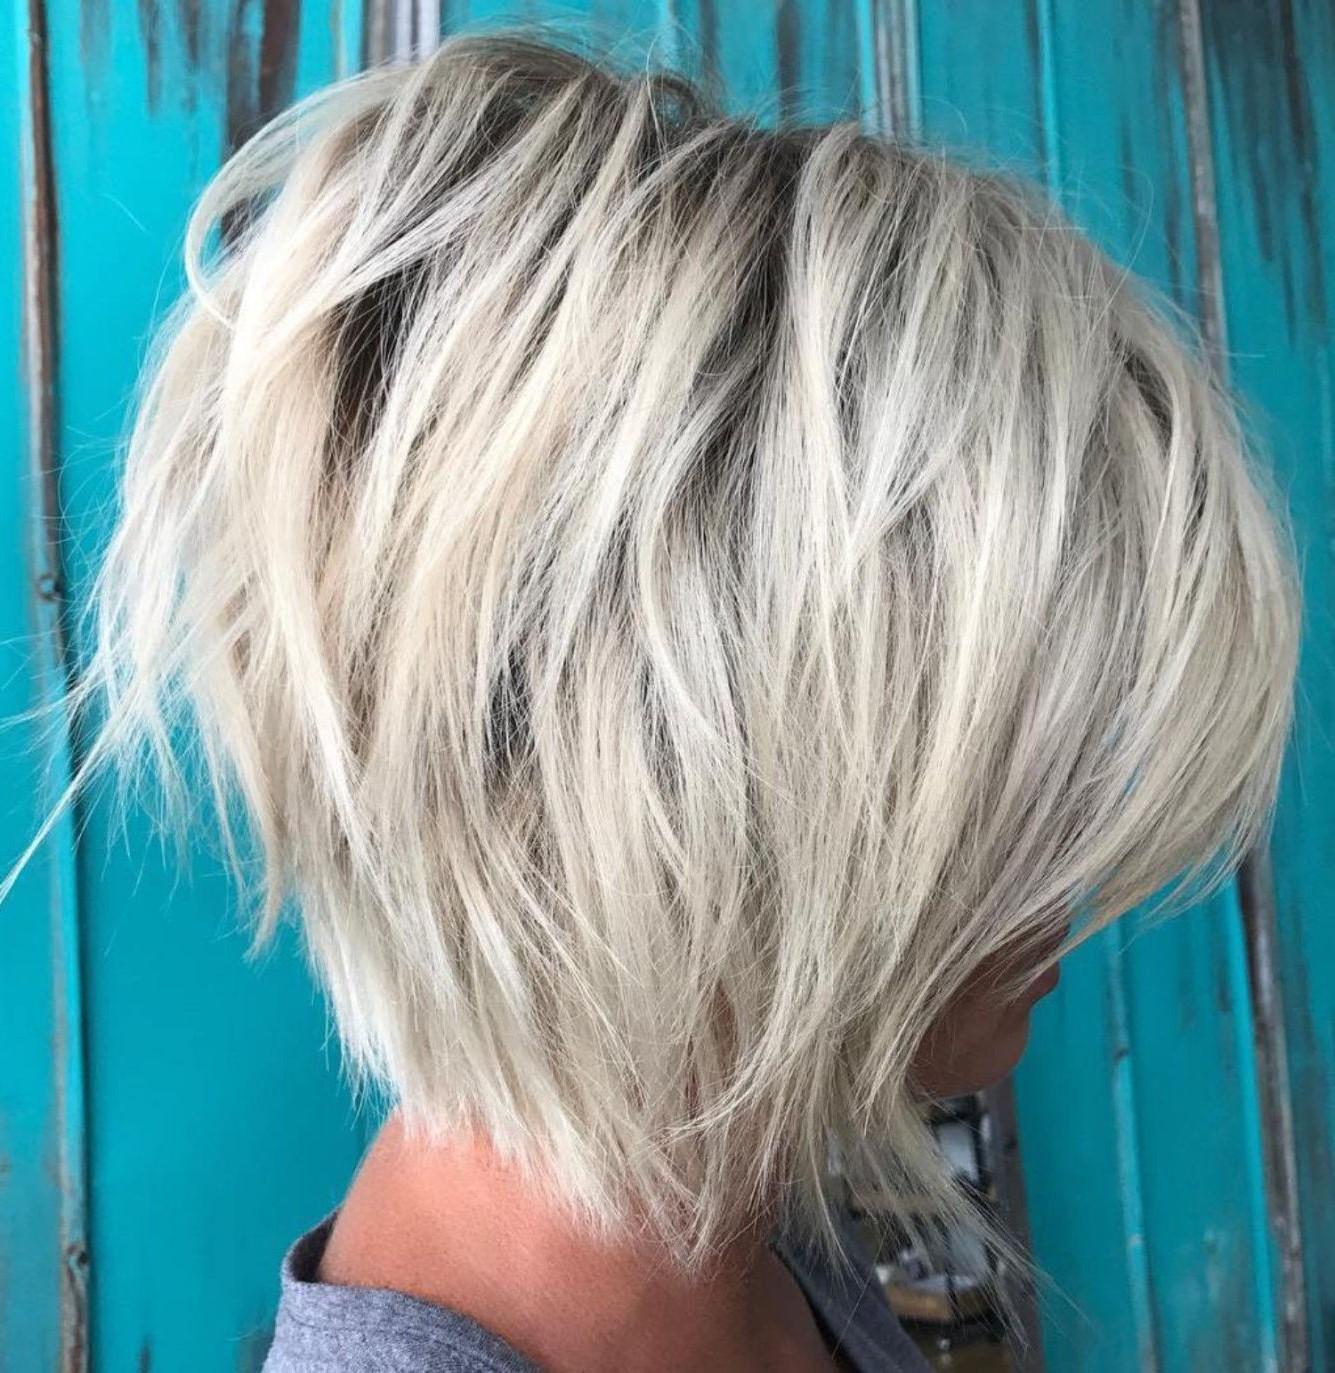 Coiffures courtes dégradées: coupe de cheveux bob avec des couches.